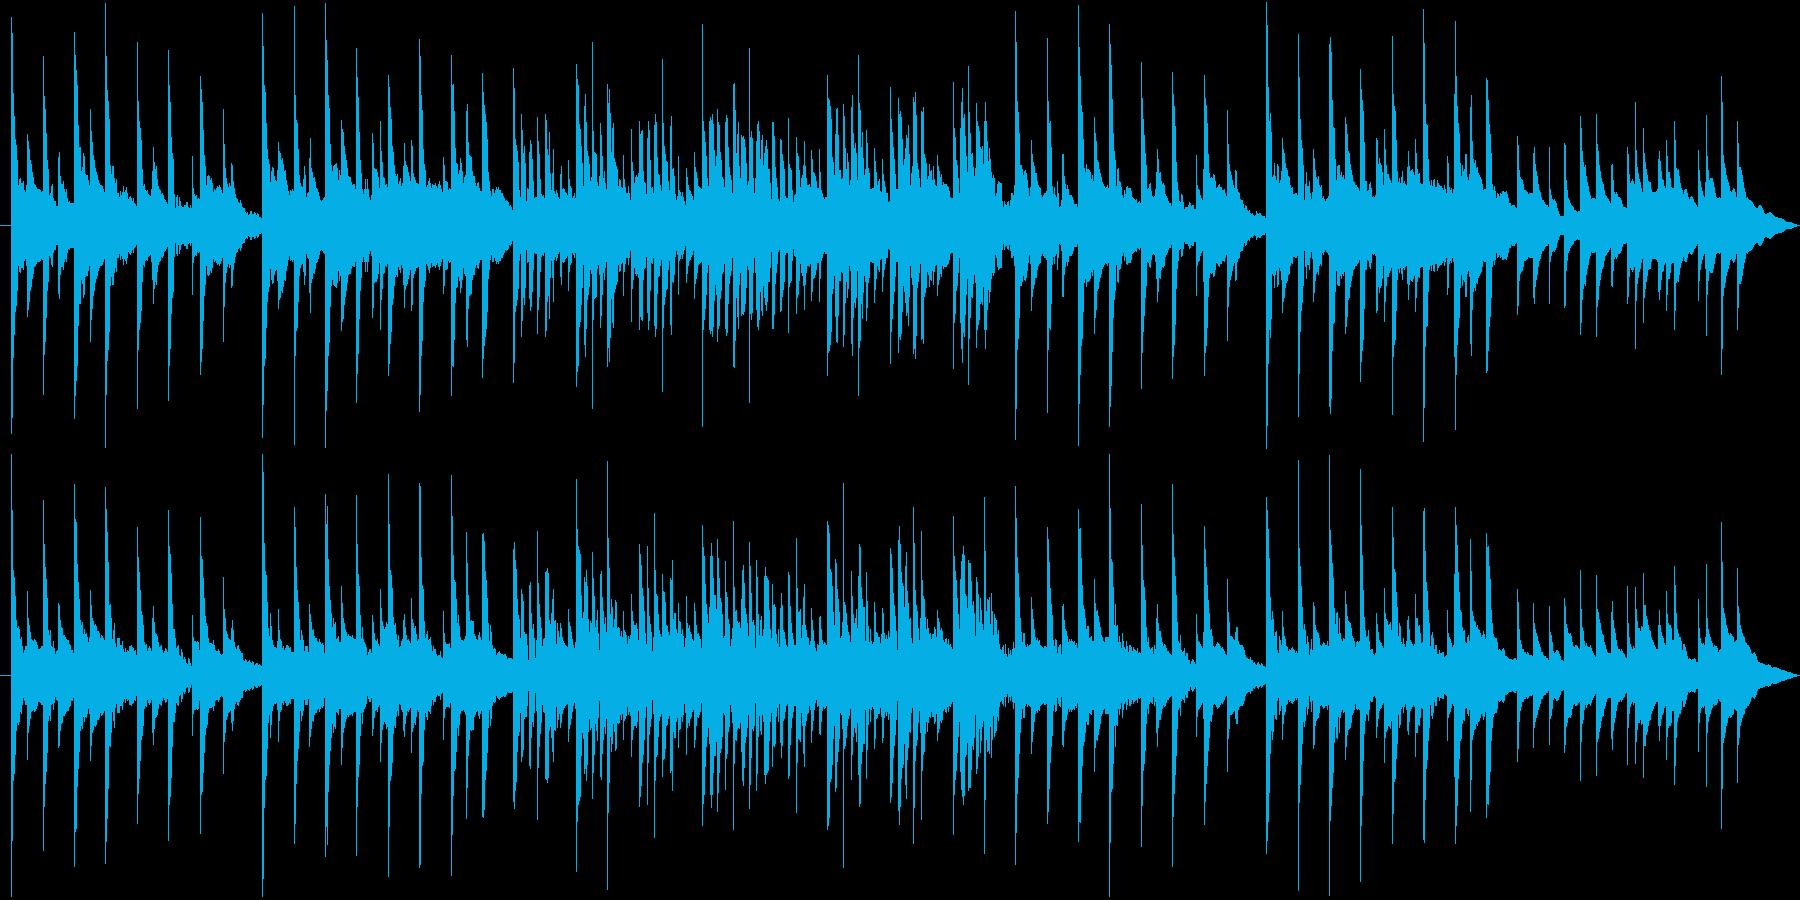 優しい子守唄のようなベルサウンドBGMの再生済みの波形